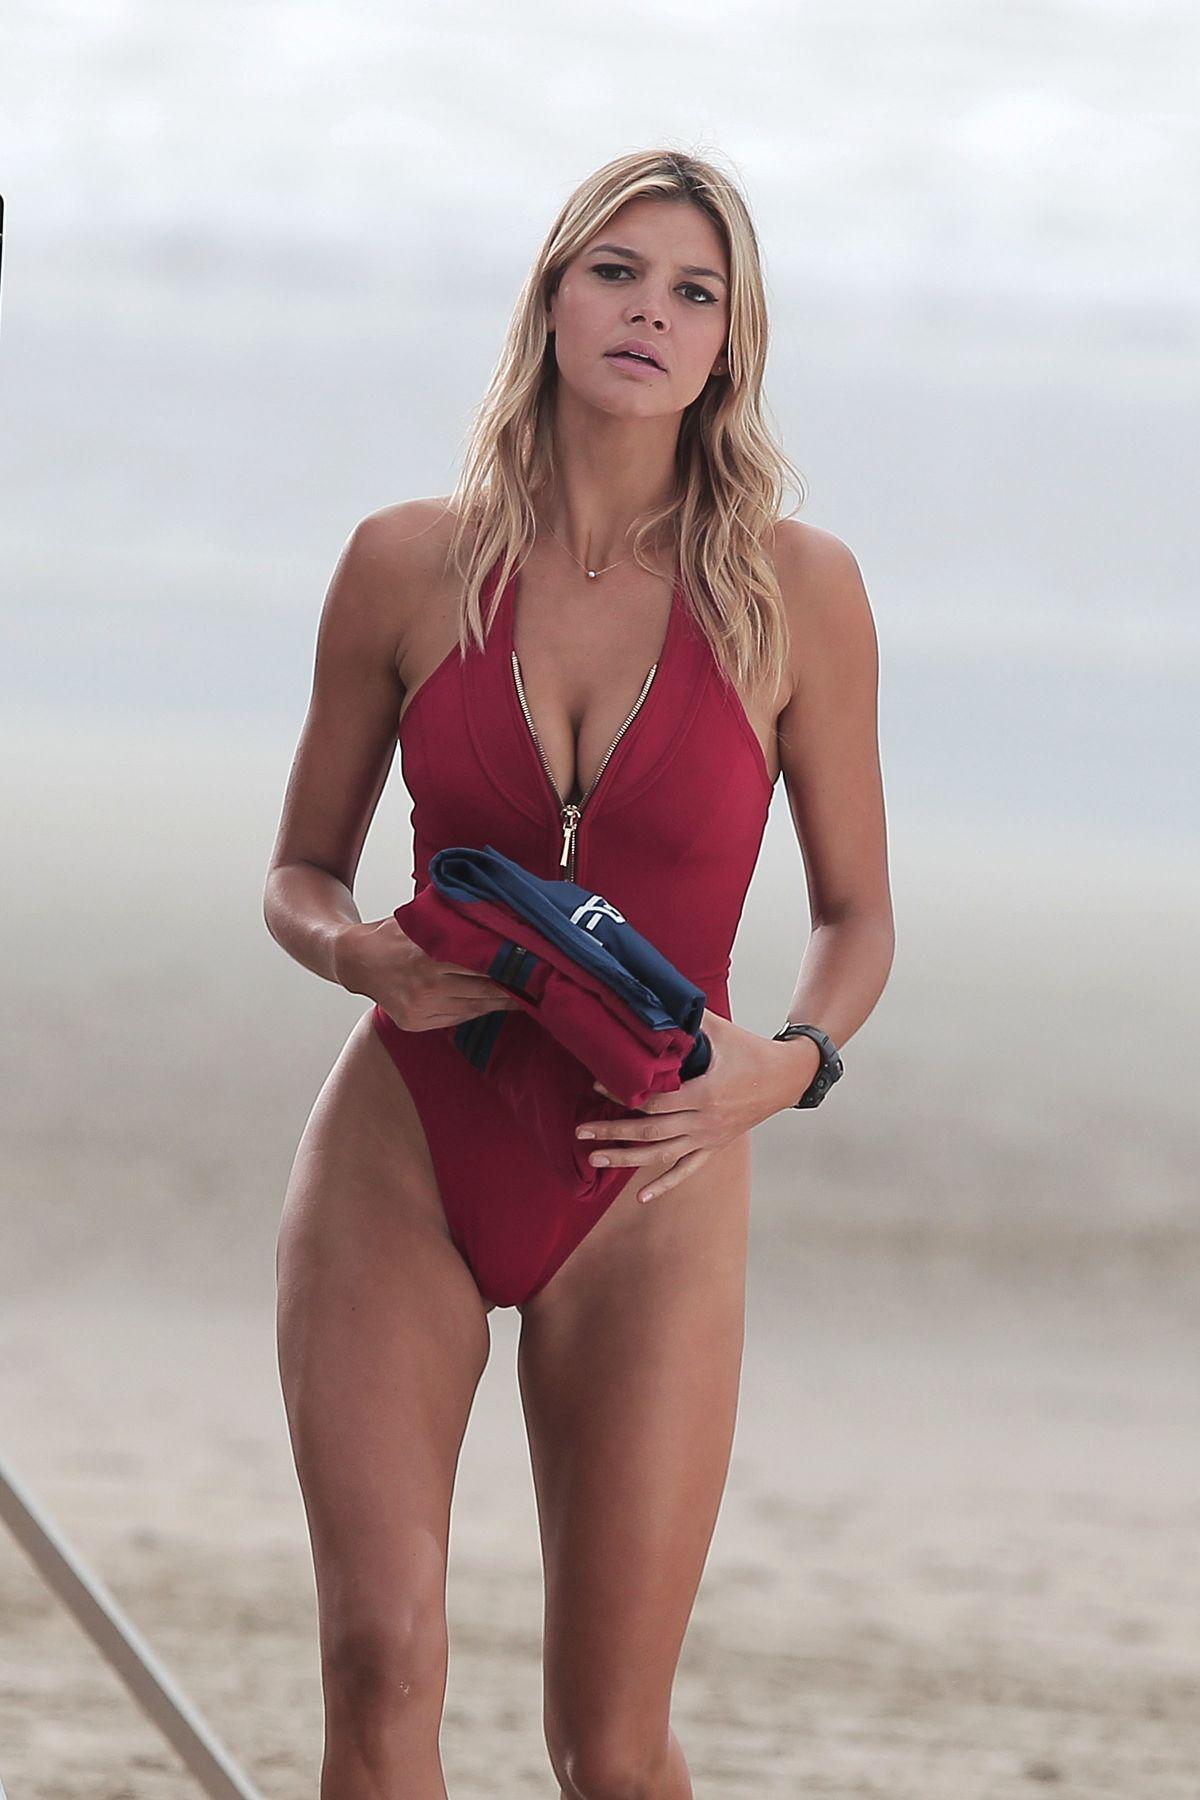 Bikini Katherine Heigl nudes (93 photo), Tits, Bikini, Boobs, swimsuit 2018